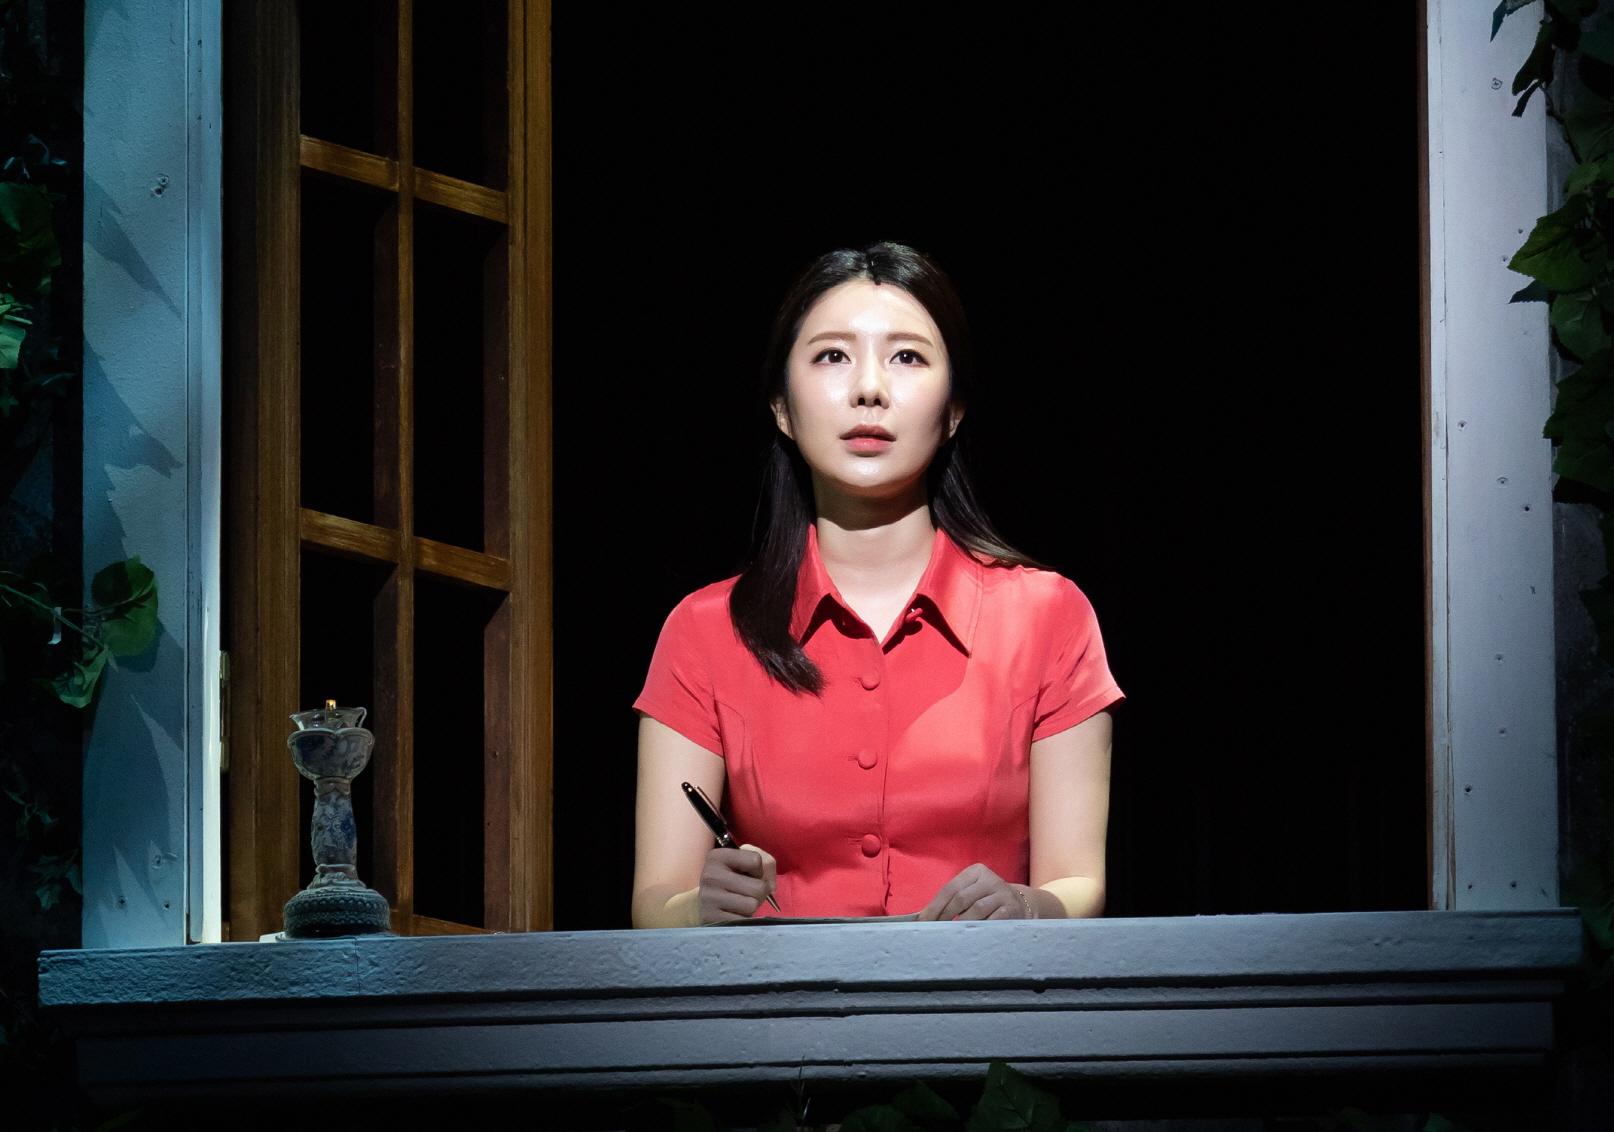 音乐剧《那些日子》J-Min盛况结束首尔公演